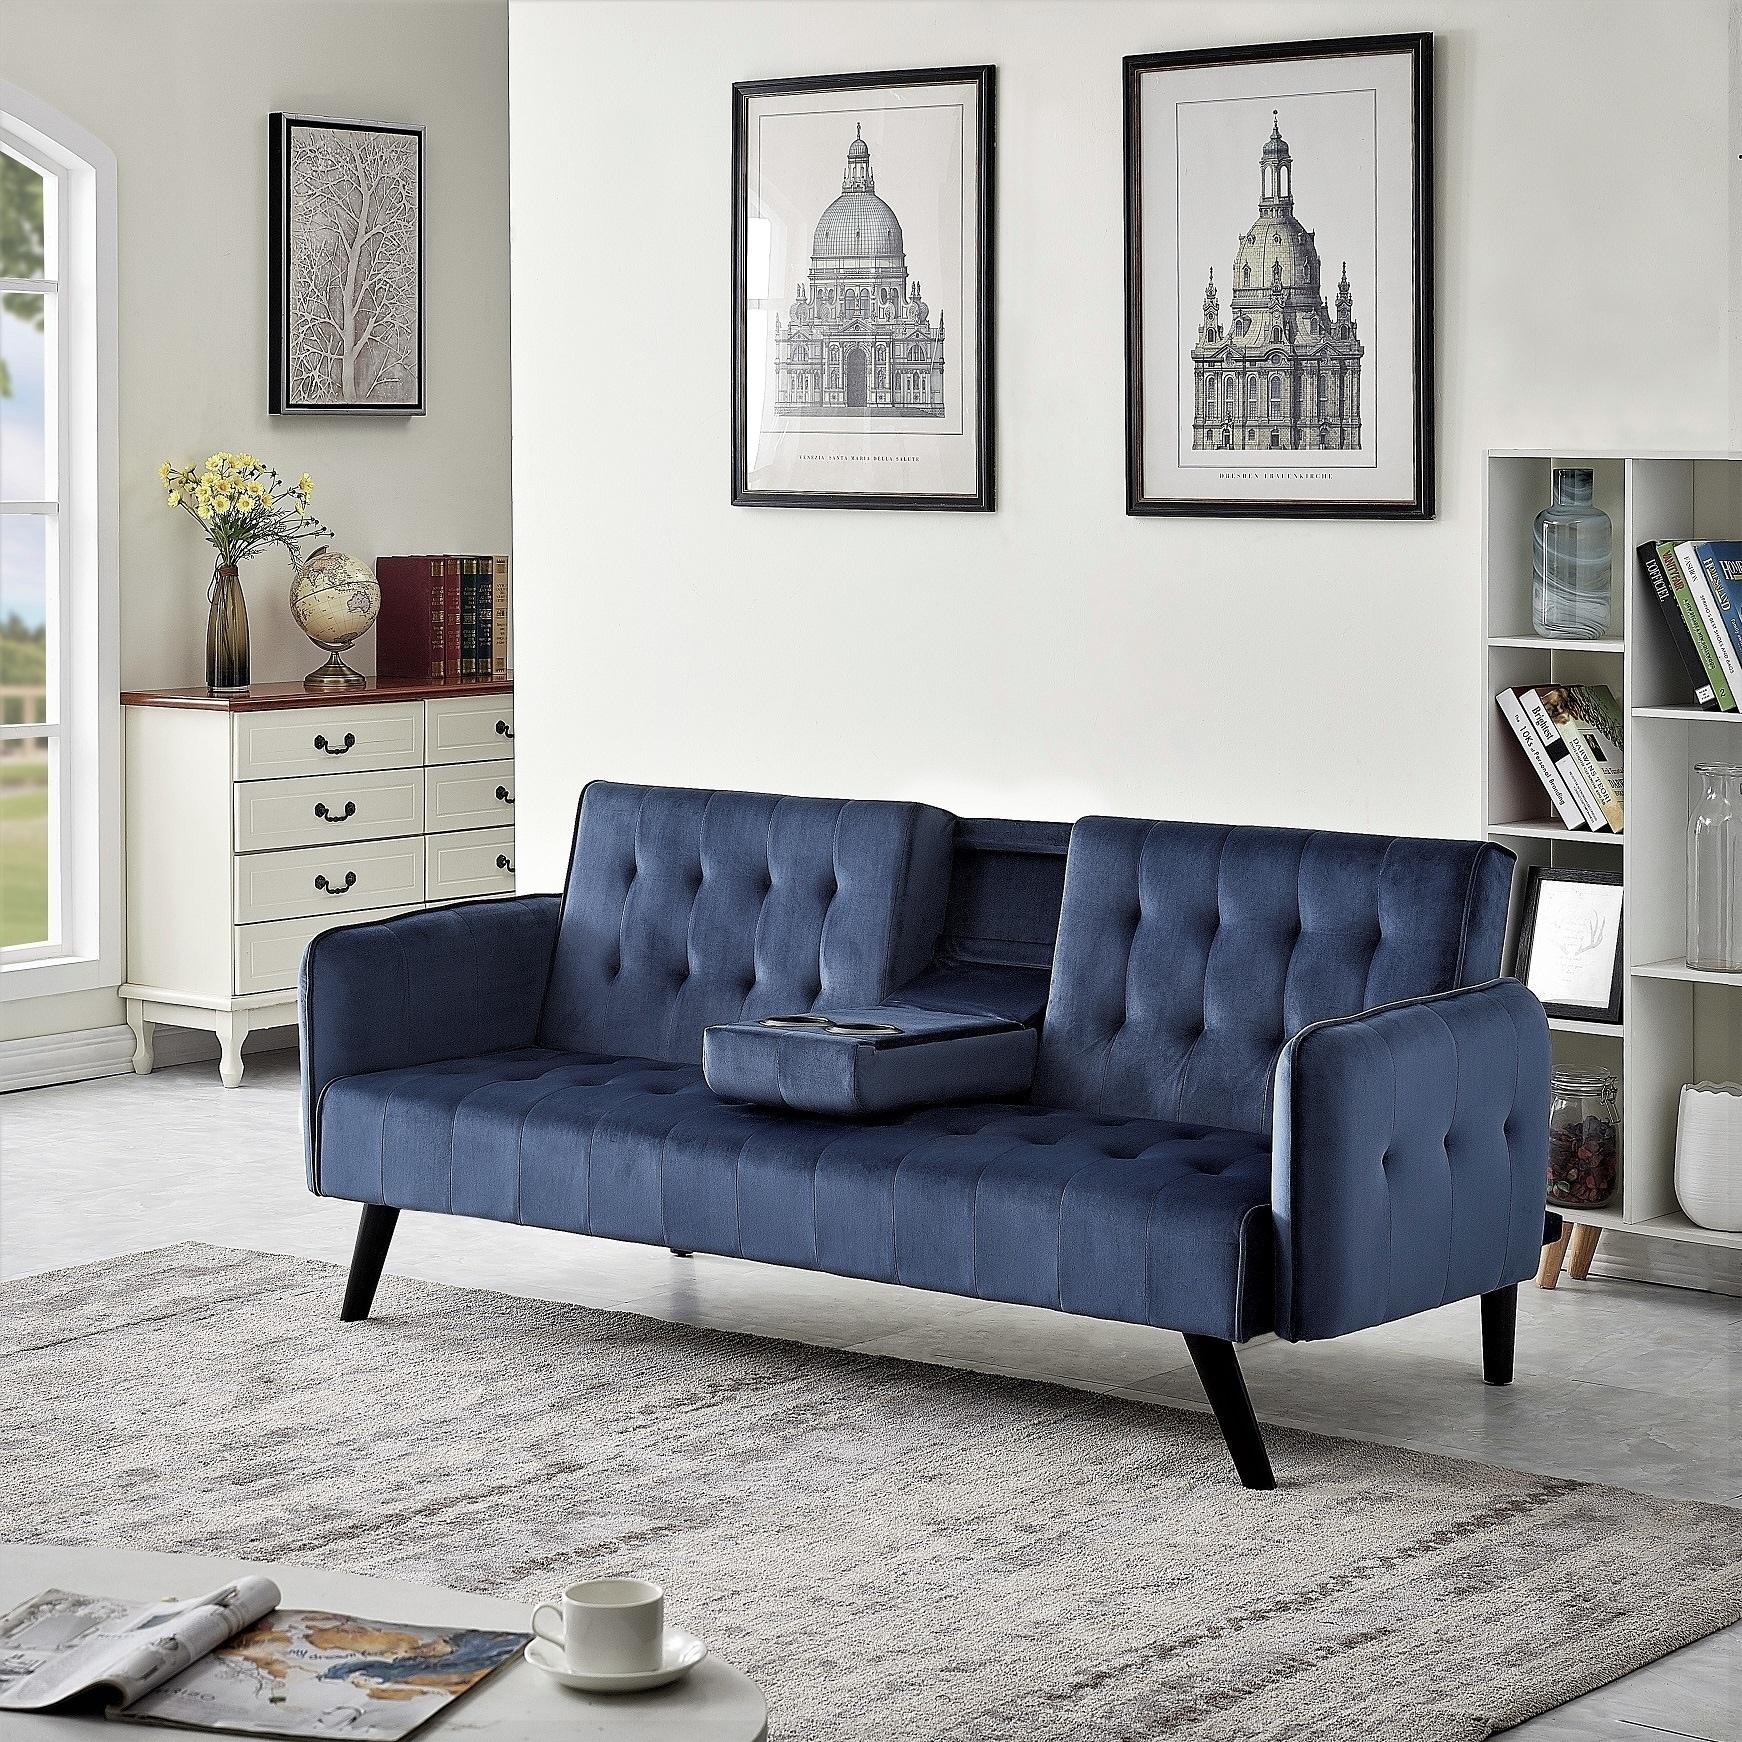 Cricklade Convertible Sleeper Sofa bed